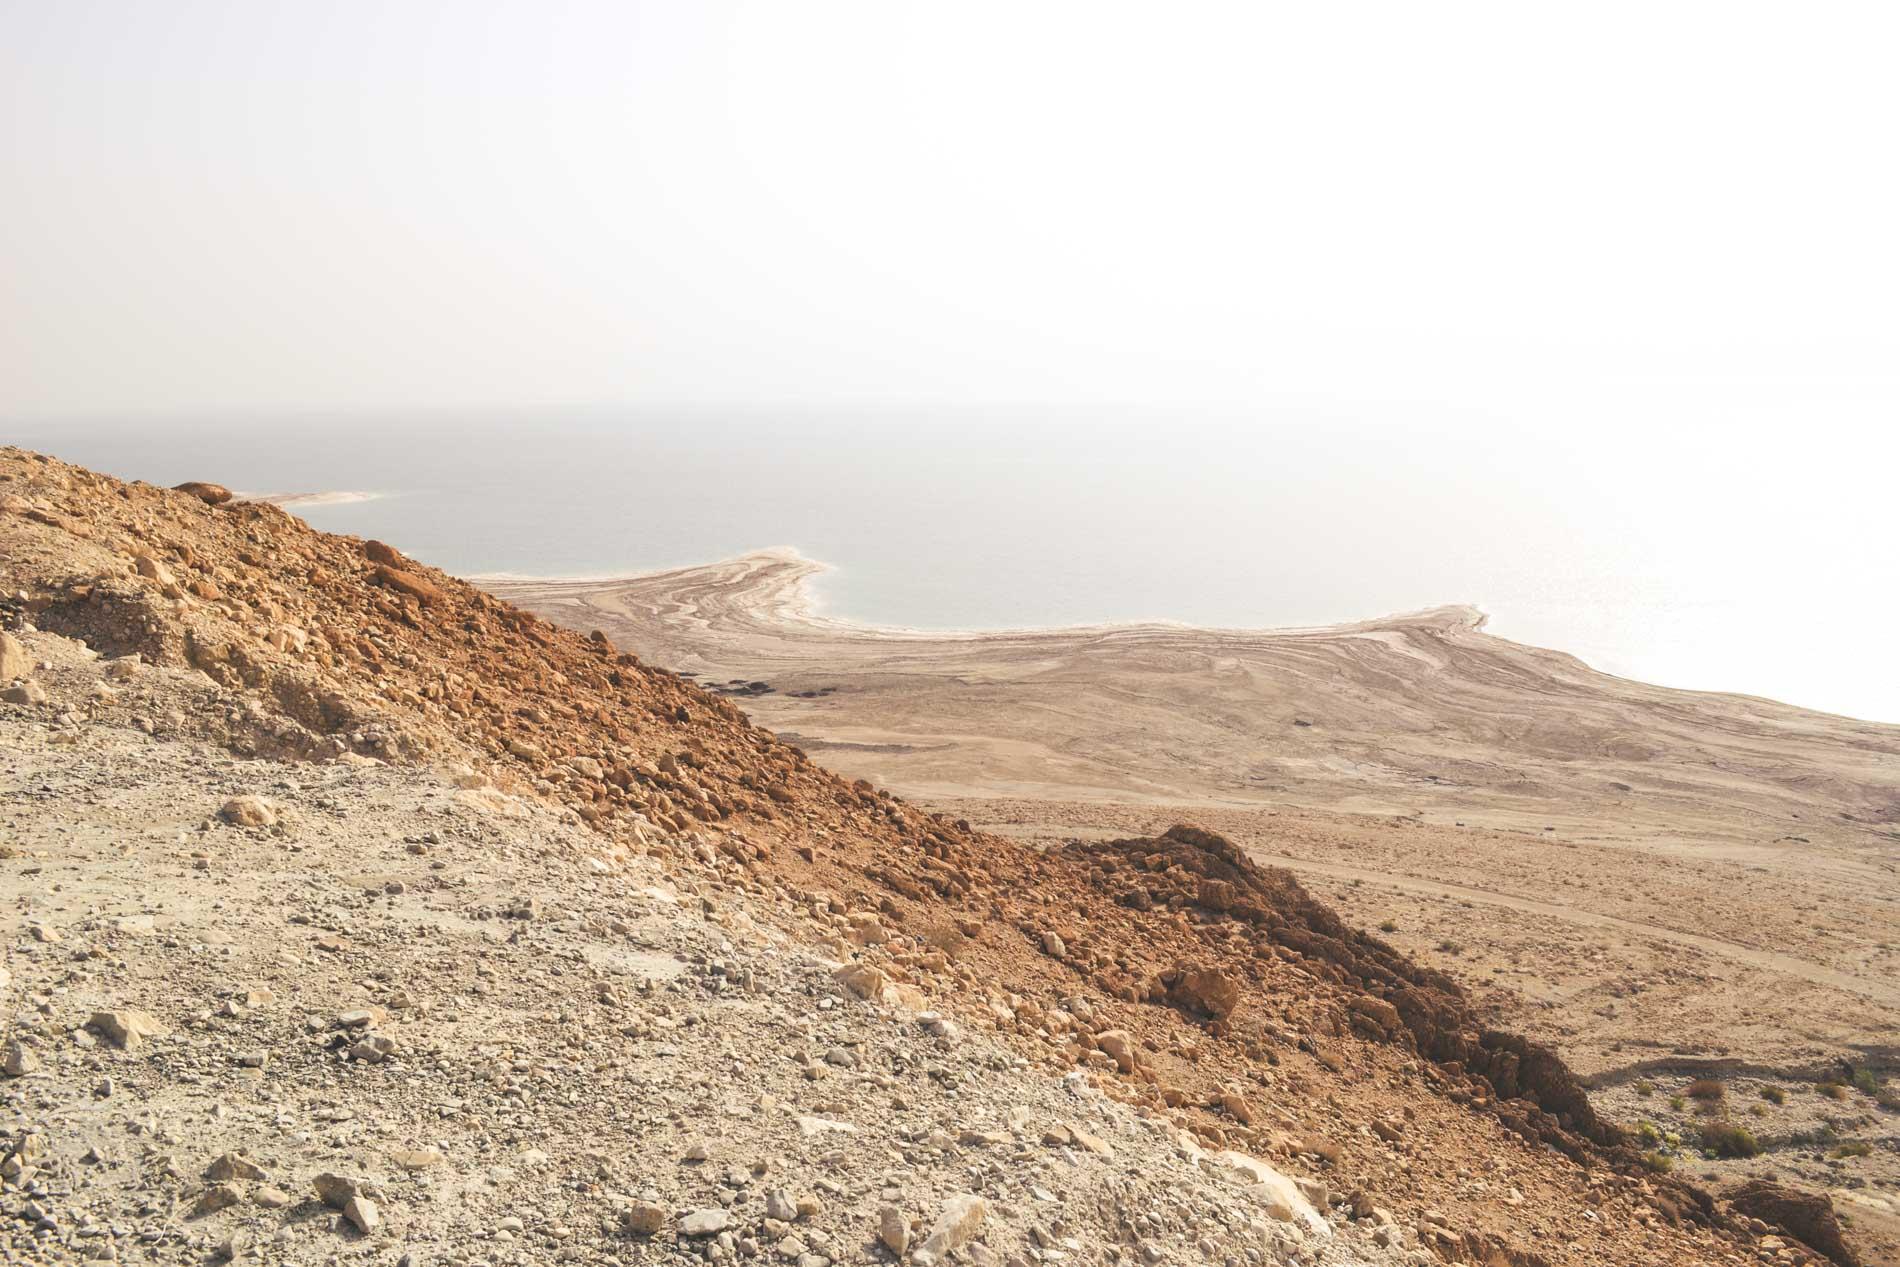 mer-morte-israel